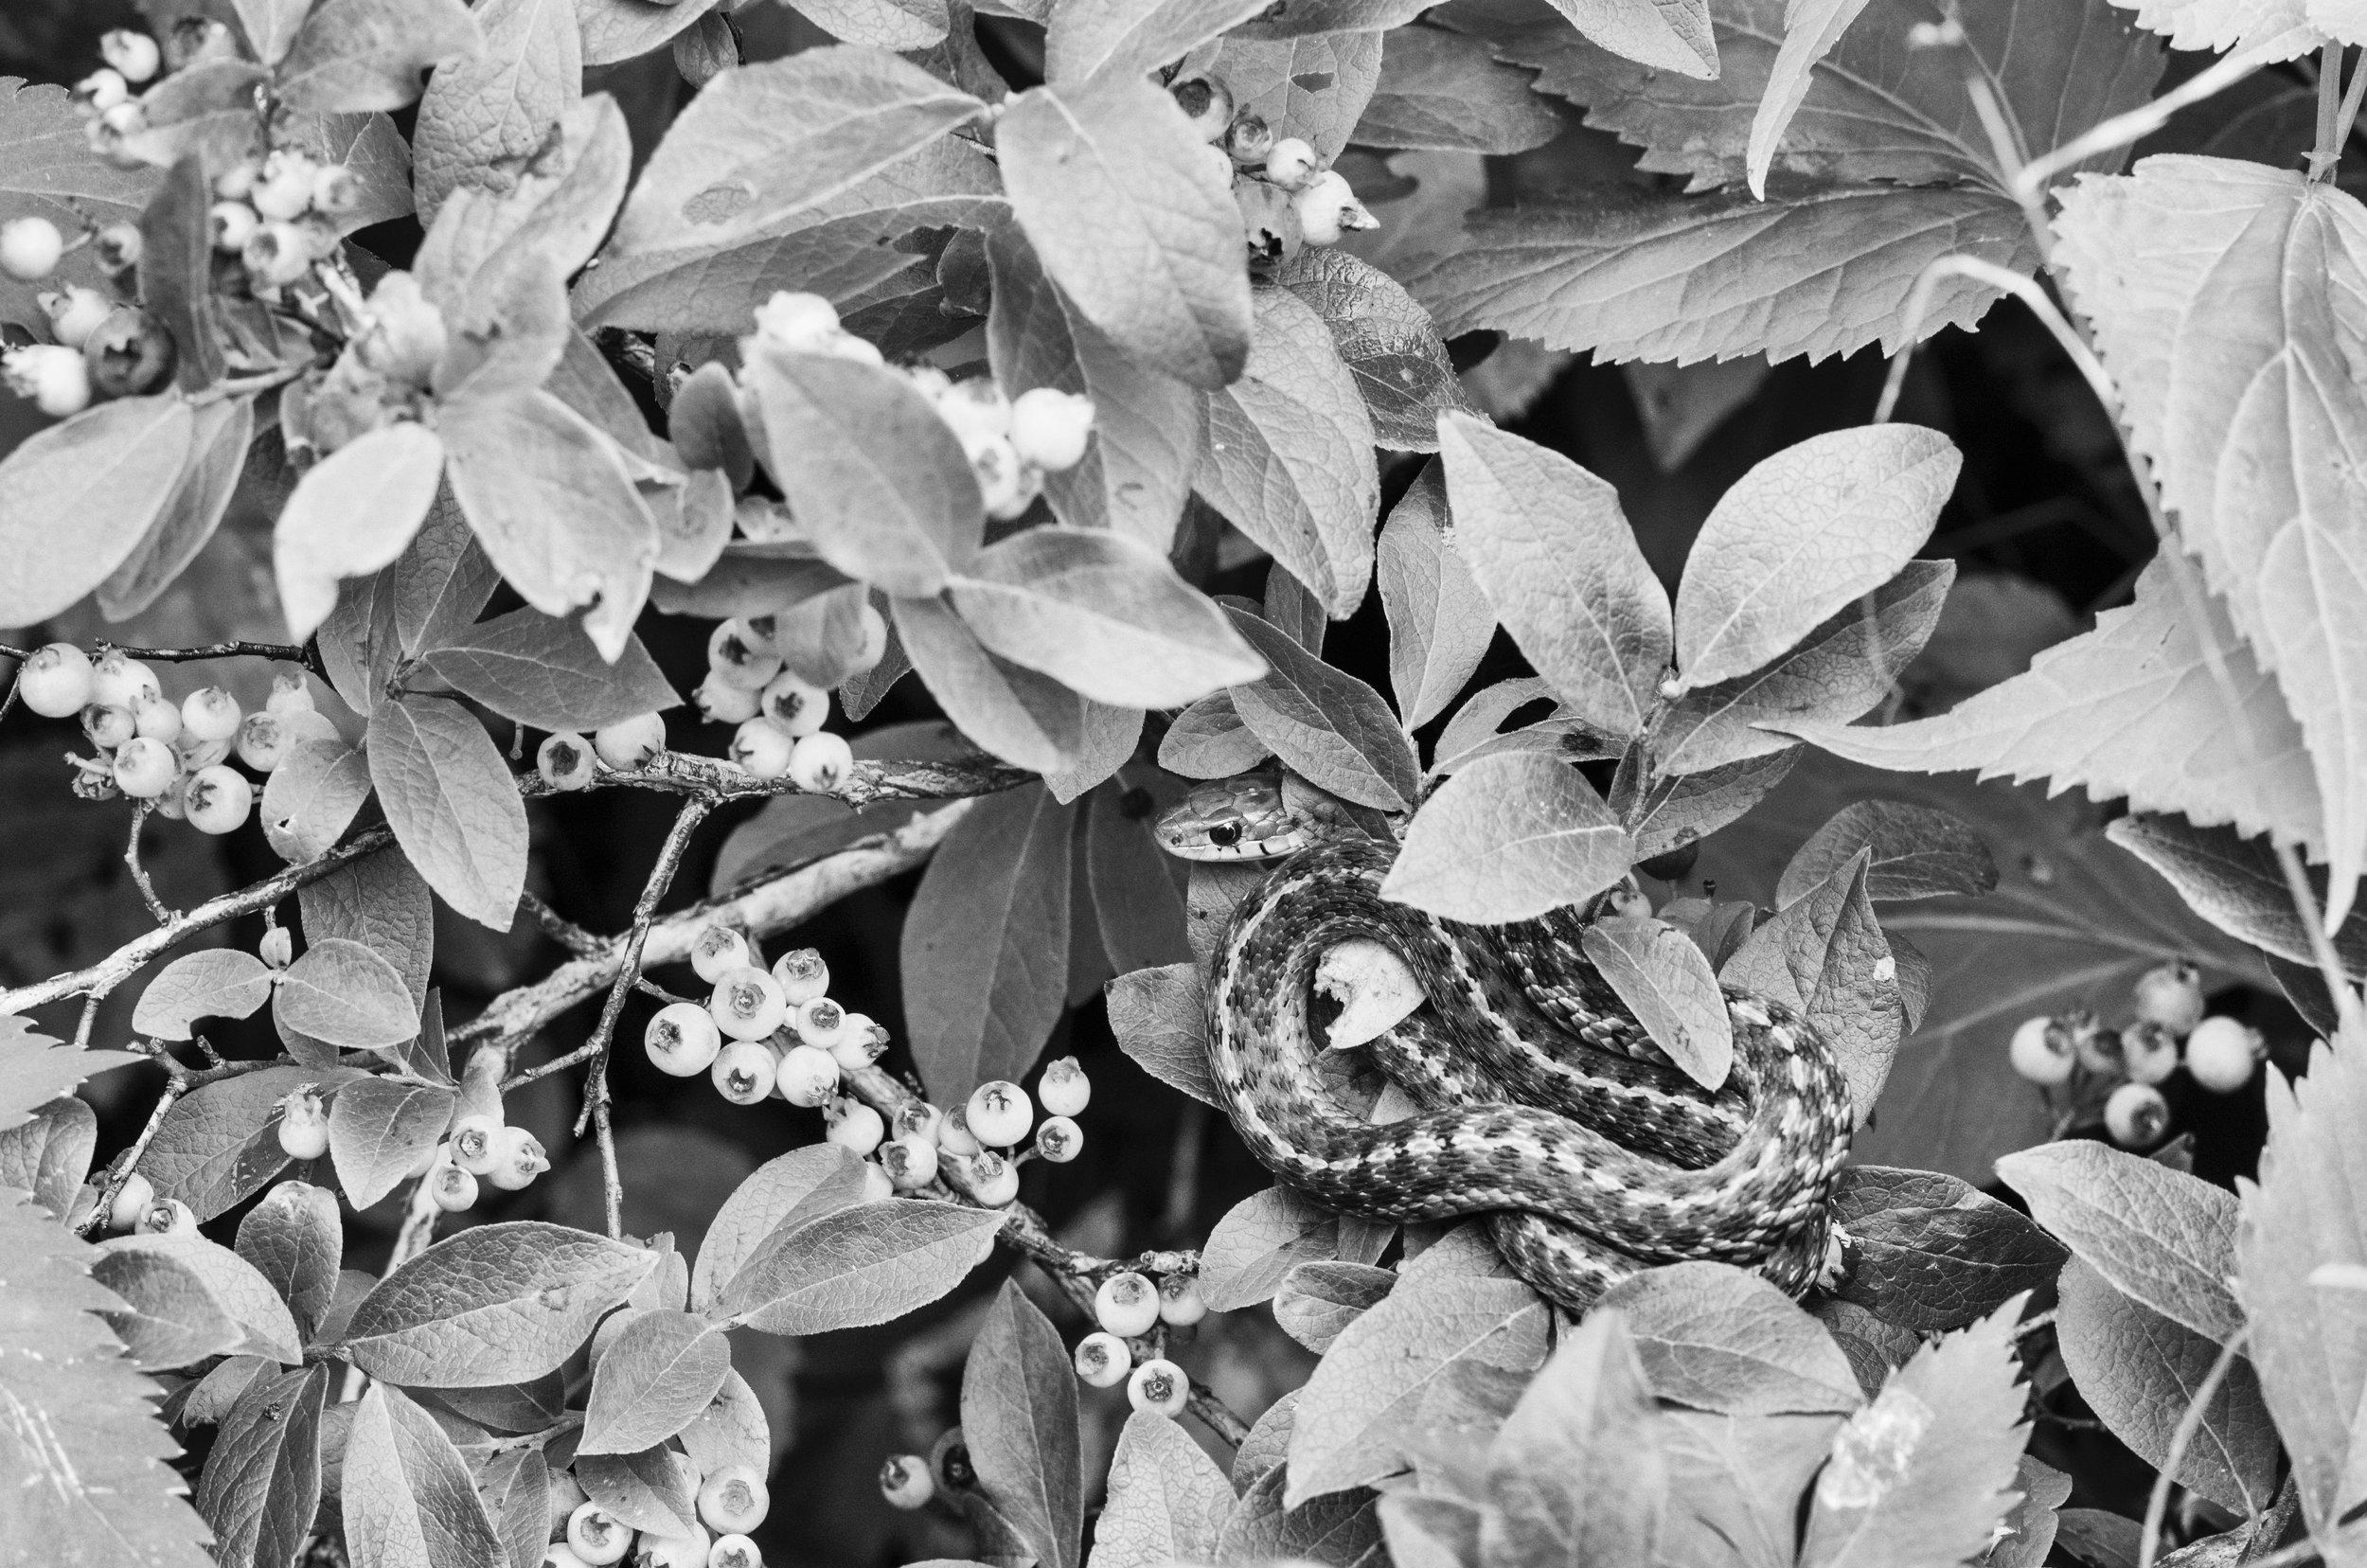 Garter Snake Hiding in Blueberries